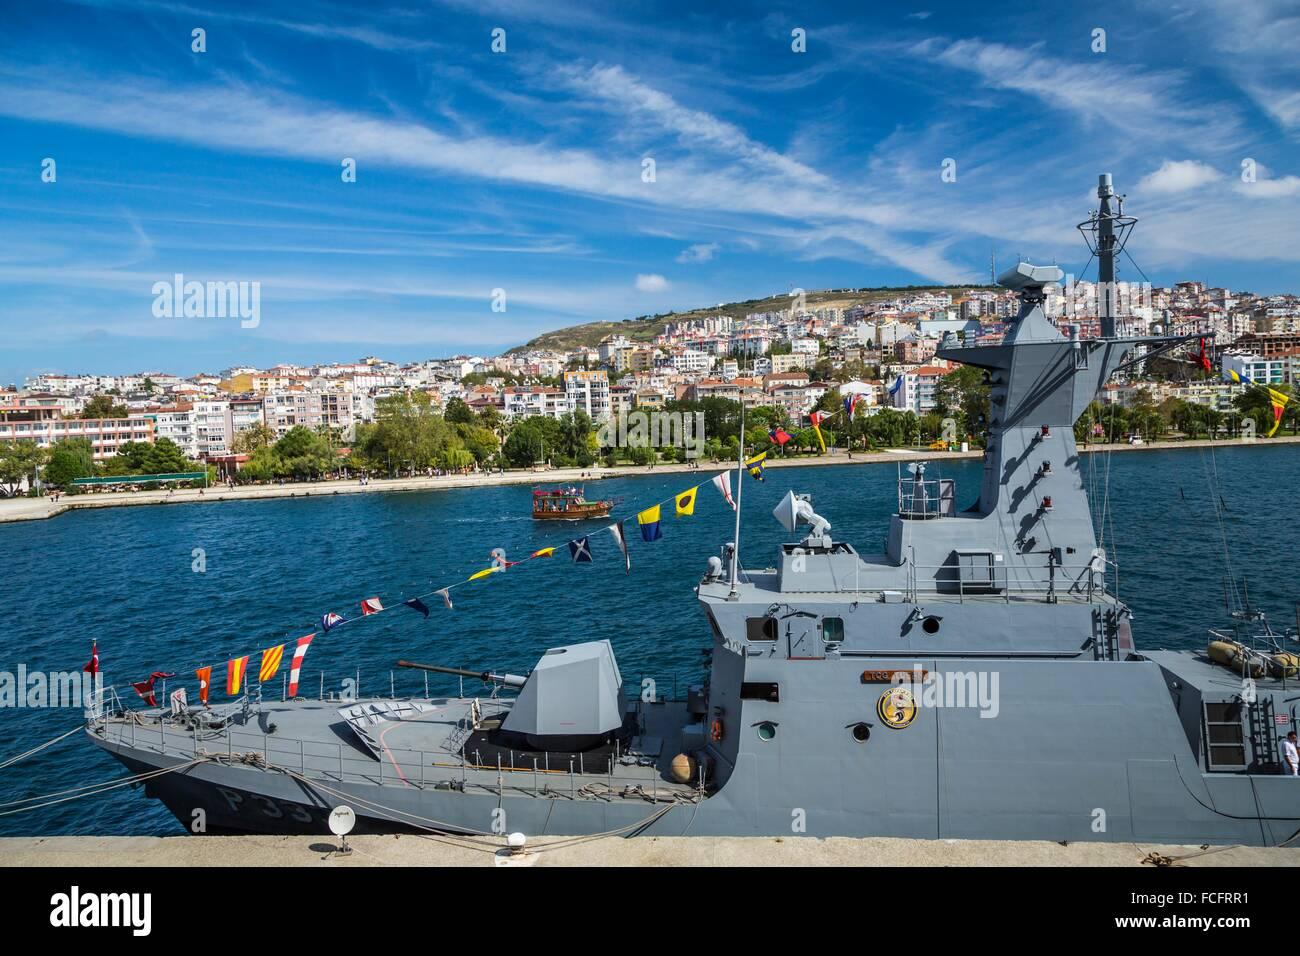 Un buque militar turca en el Mar Negro en el puerto de la ciudad de Sinop, Turquía. Imagen De Stock